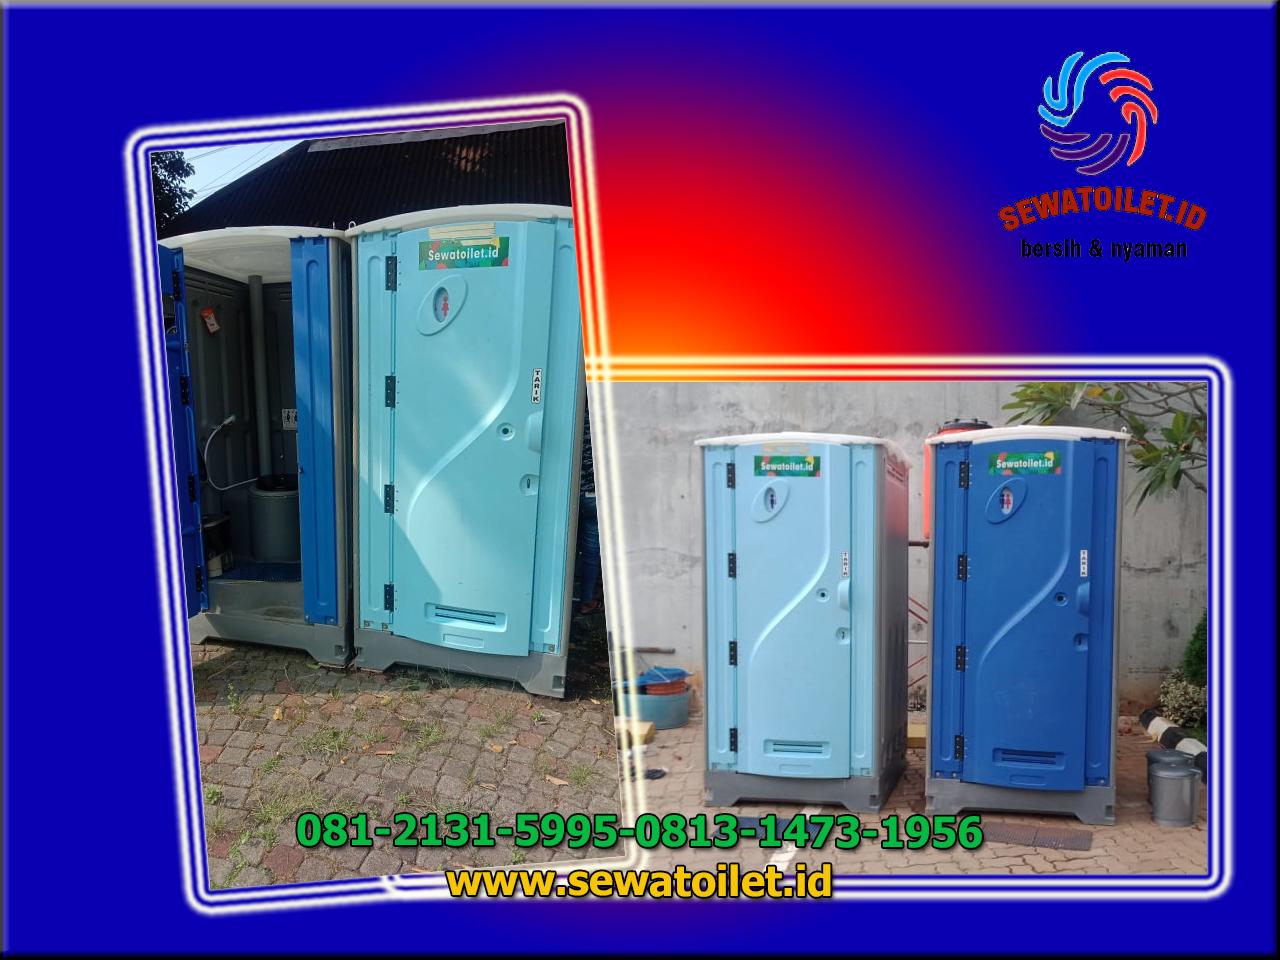 Sewa Toilet Portable Vaksinasi Karyawan PT.Charoen Pokphen Ancol